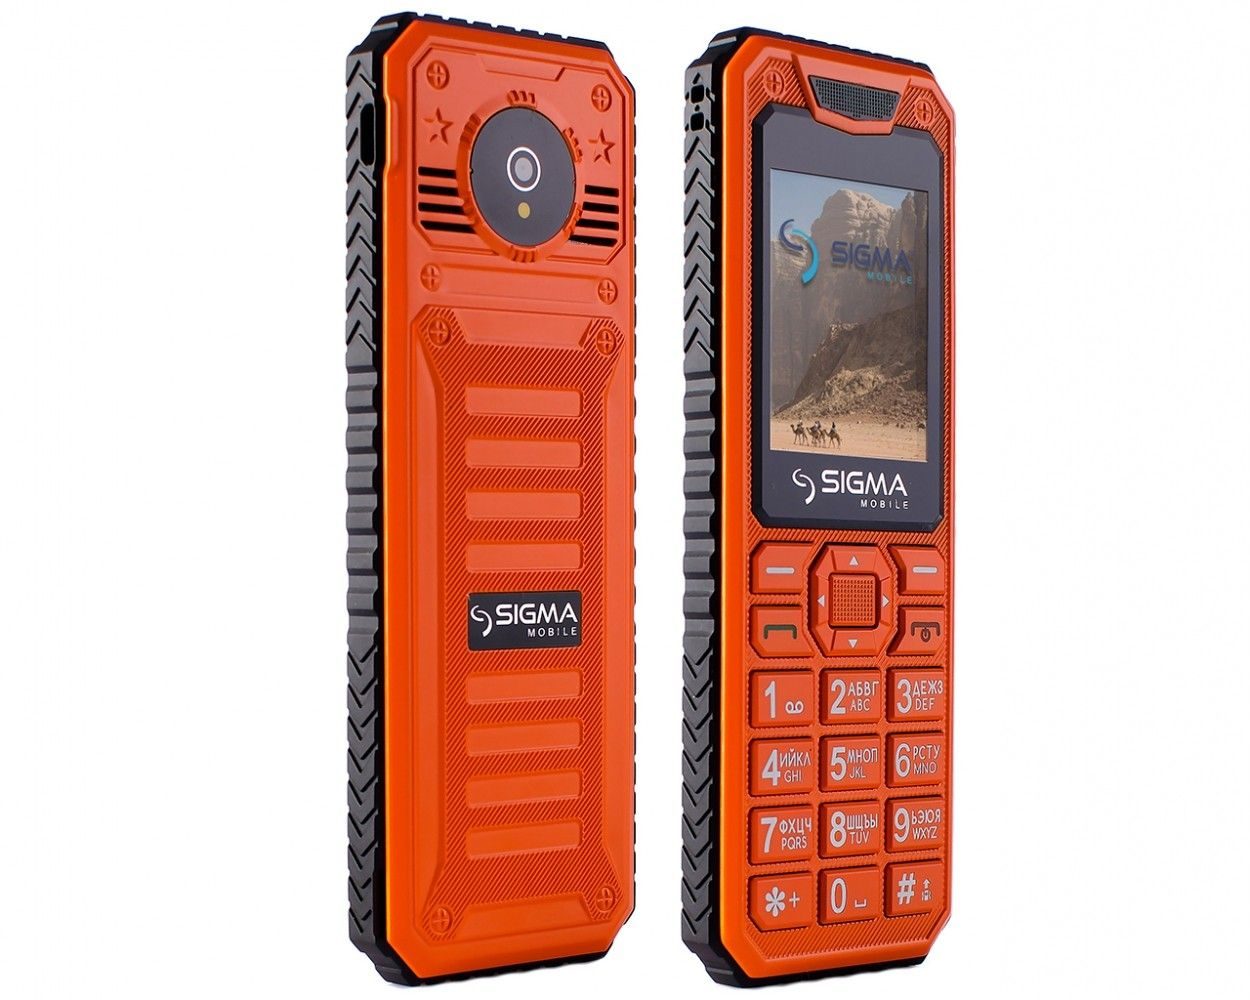 Мобильный телефон Sigma mobile X-style 11 Dragon Оrange - 2